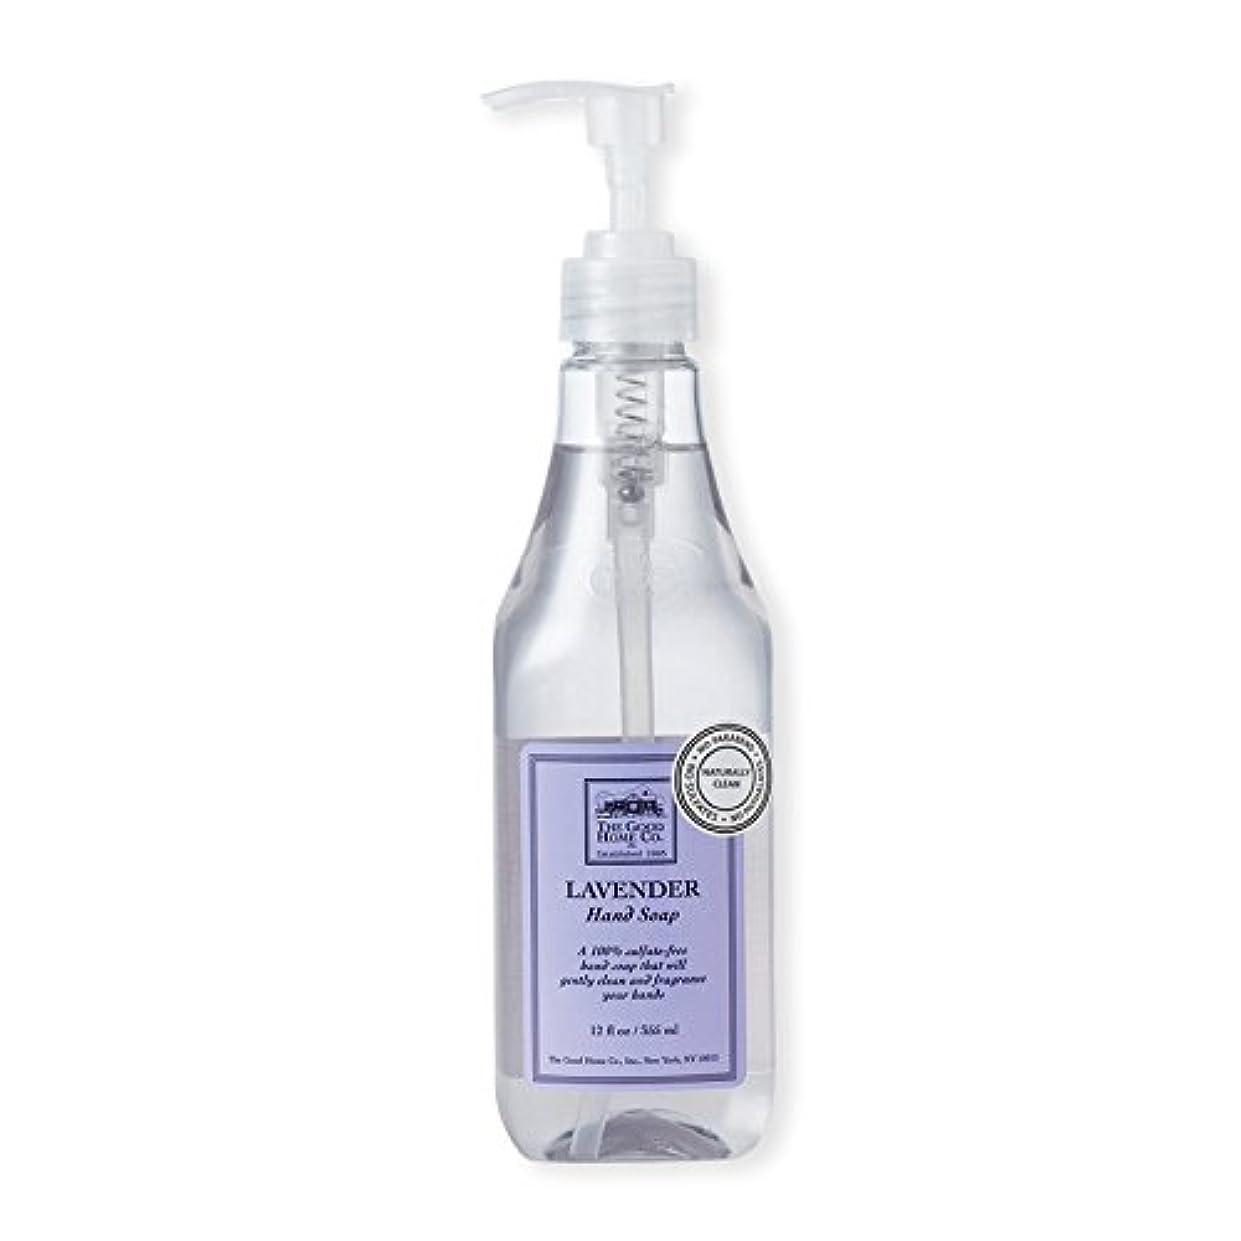 飢え空中白いザ グッドホーム カンパニー HAND SOAP ハンドソープ 石鹸 せっけん ギフト 355ml レディーズ (並行輸入品)